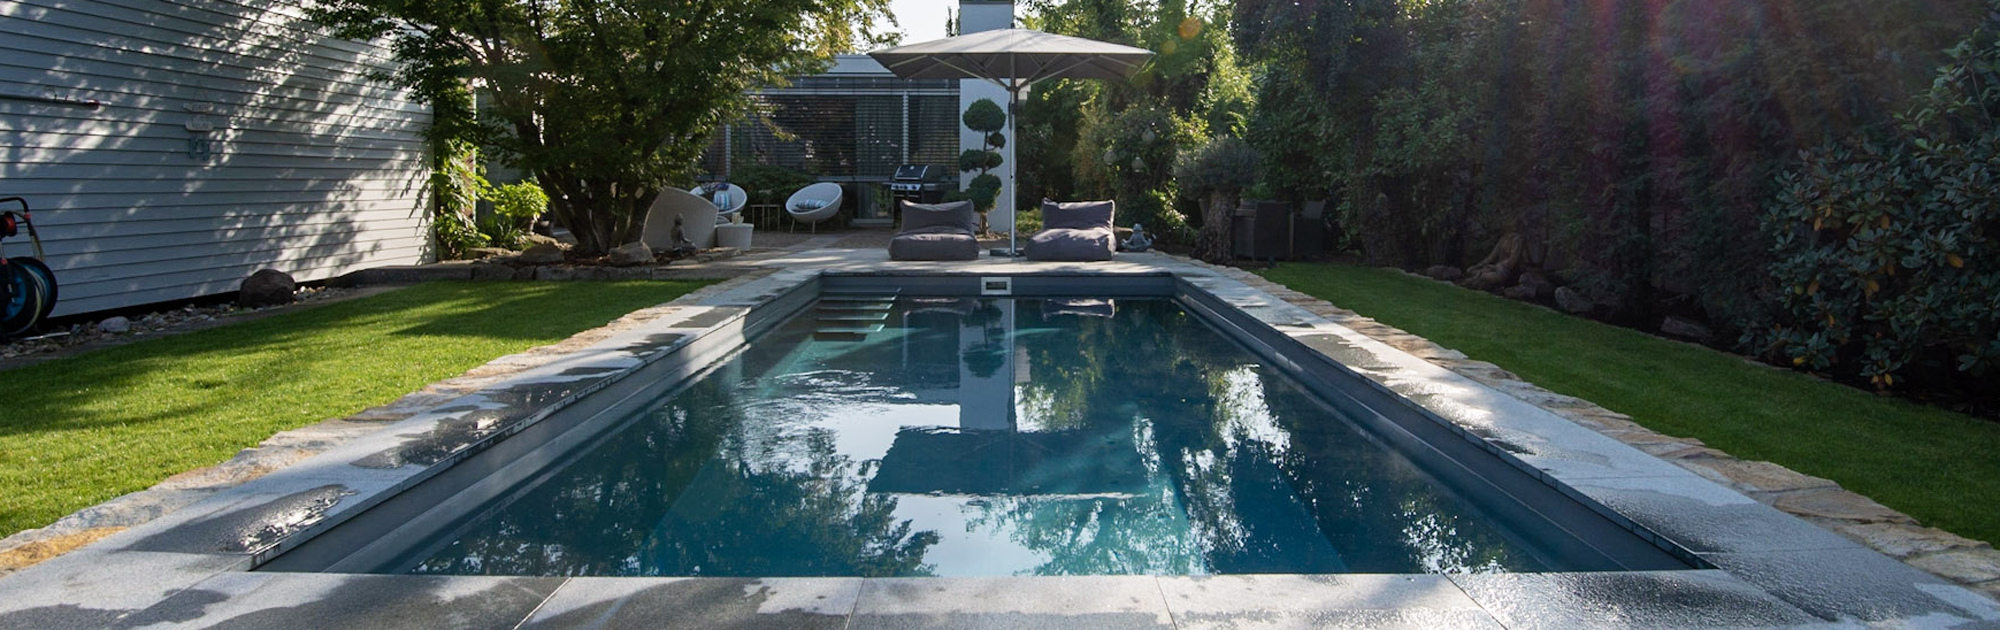 Das Gartenbad jedoch mit weißen Stufenkanten